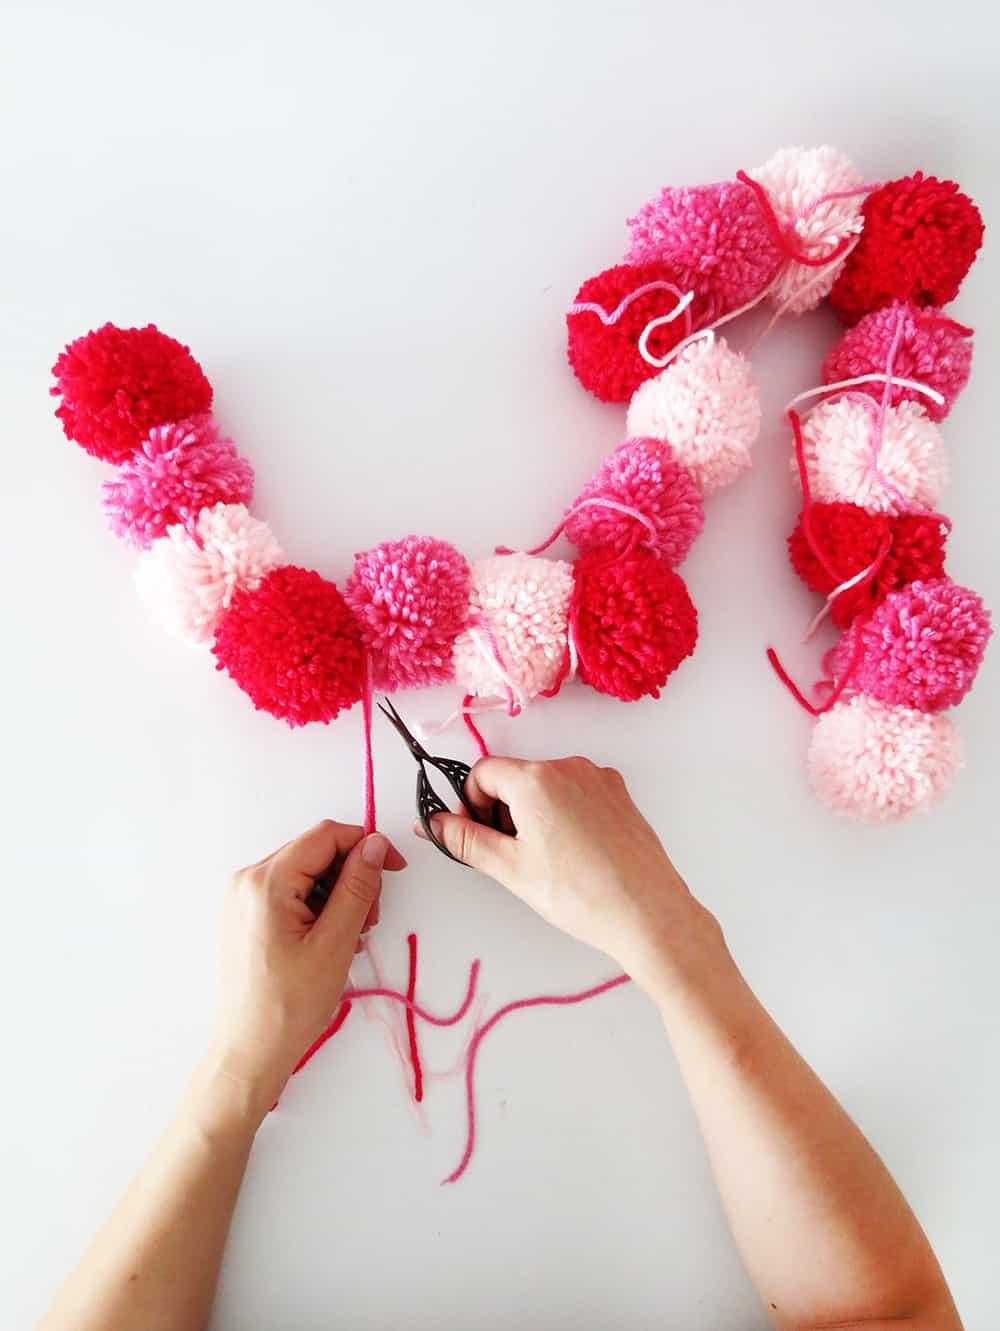 trim the yarn